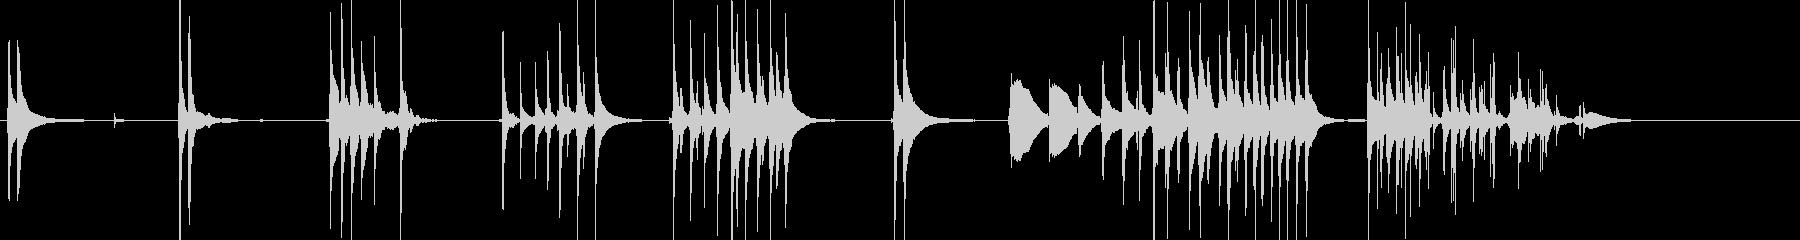 三味線76鷺娘8羽ばたき生音歌舞伎妖怪鷺の未再生の波形